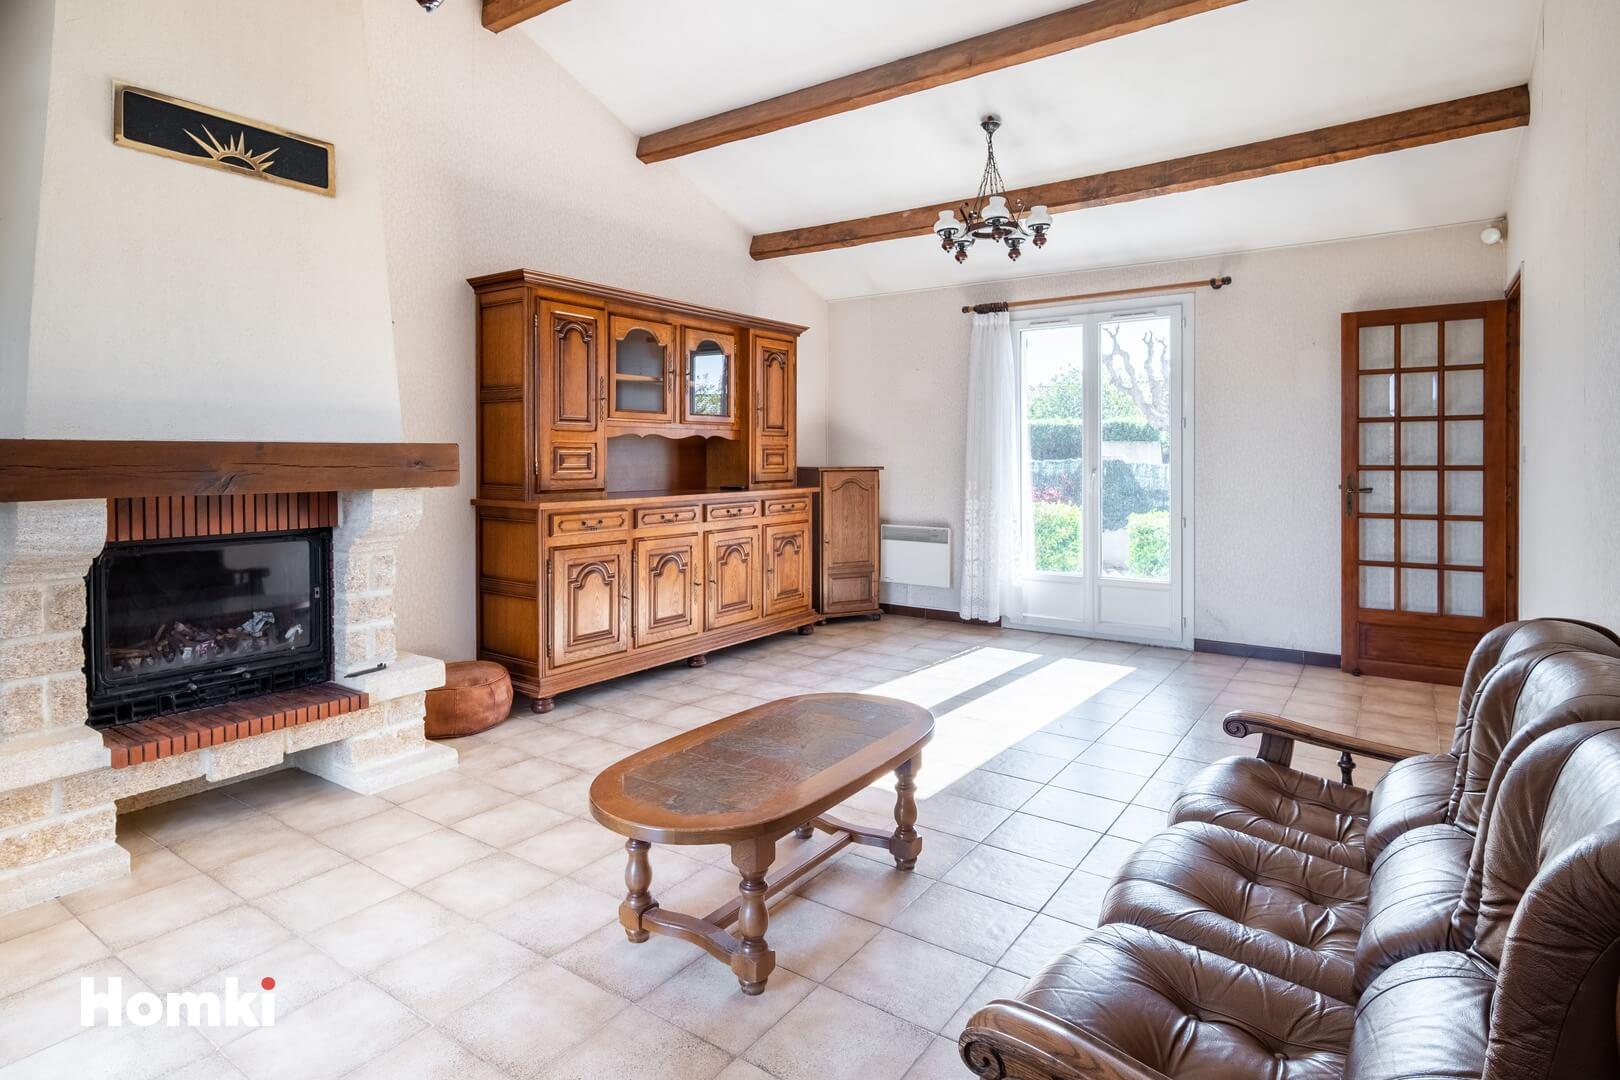 Homki - Vente Maison/villa  de 89.0 m² à Mèze 34140